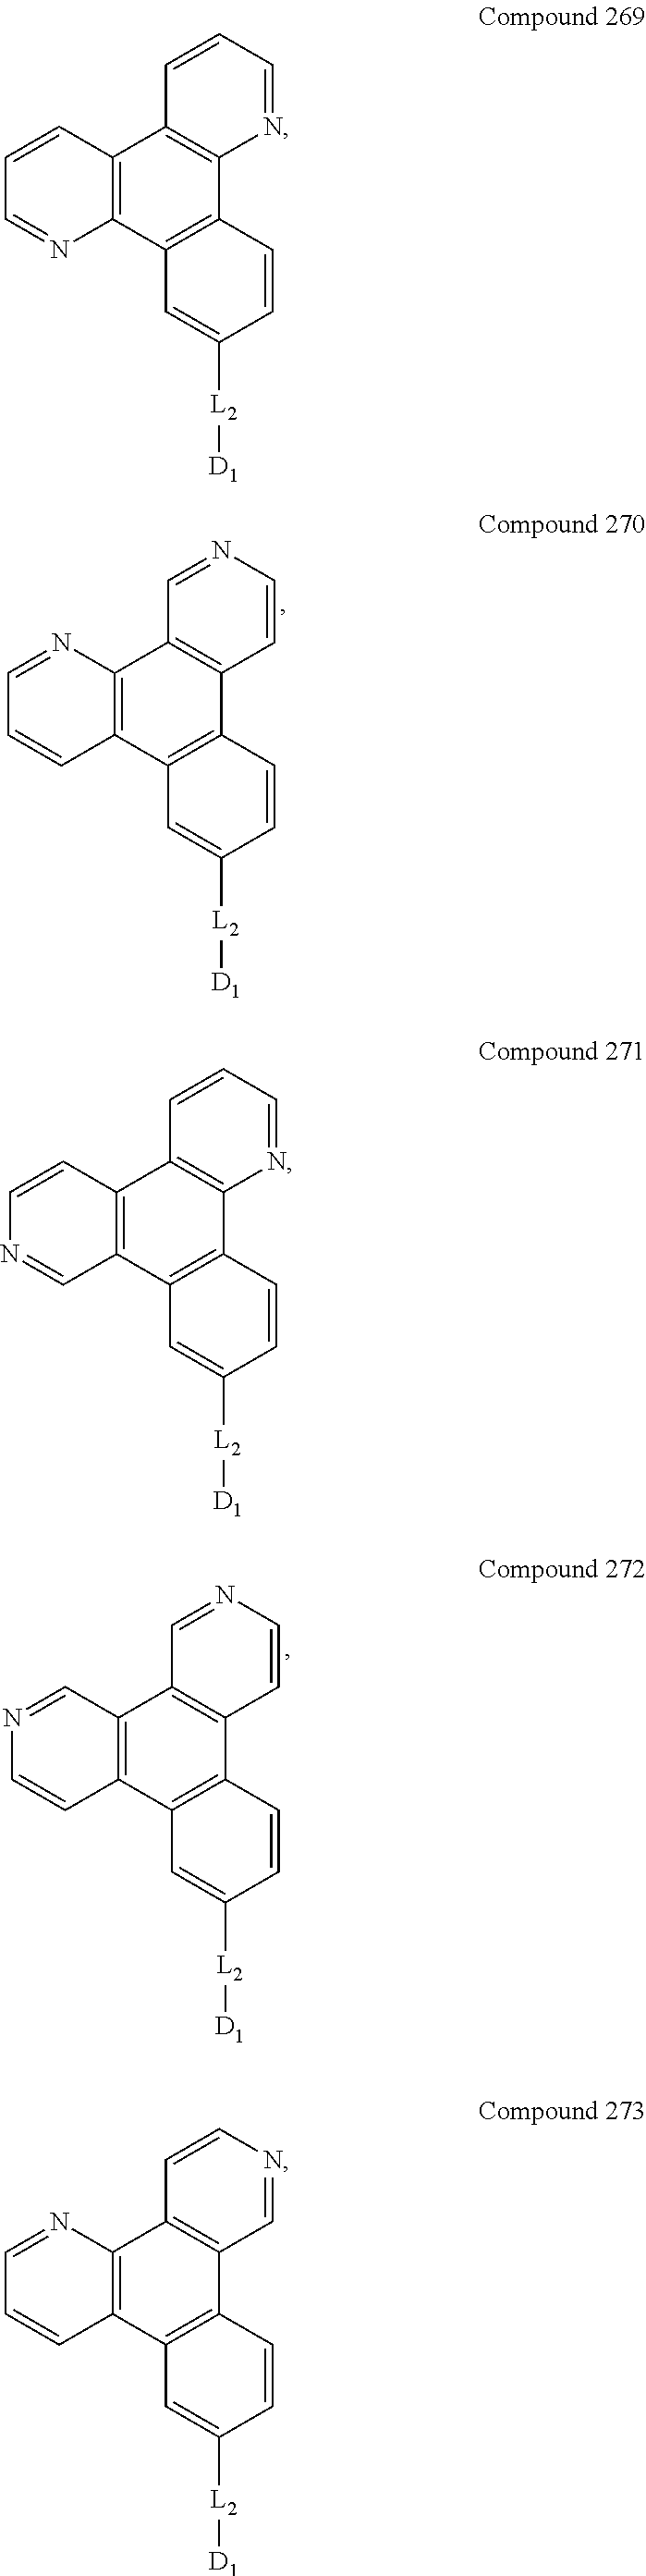 Figure US09537106-20170103-C00625